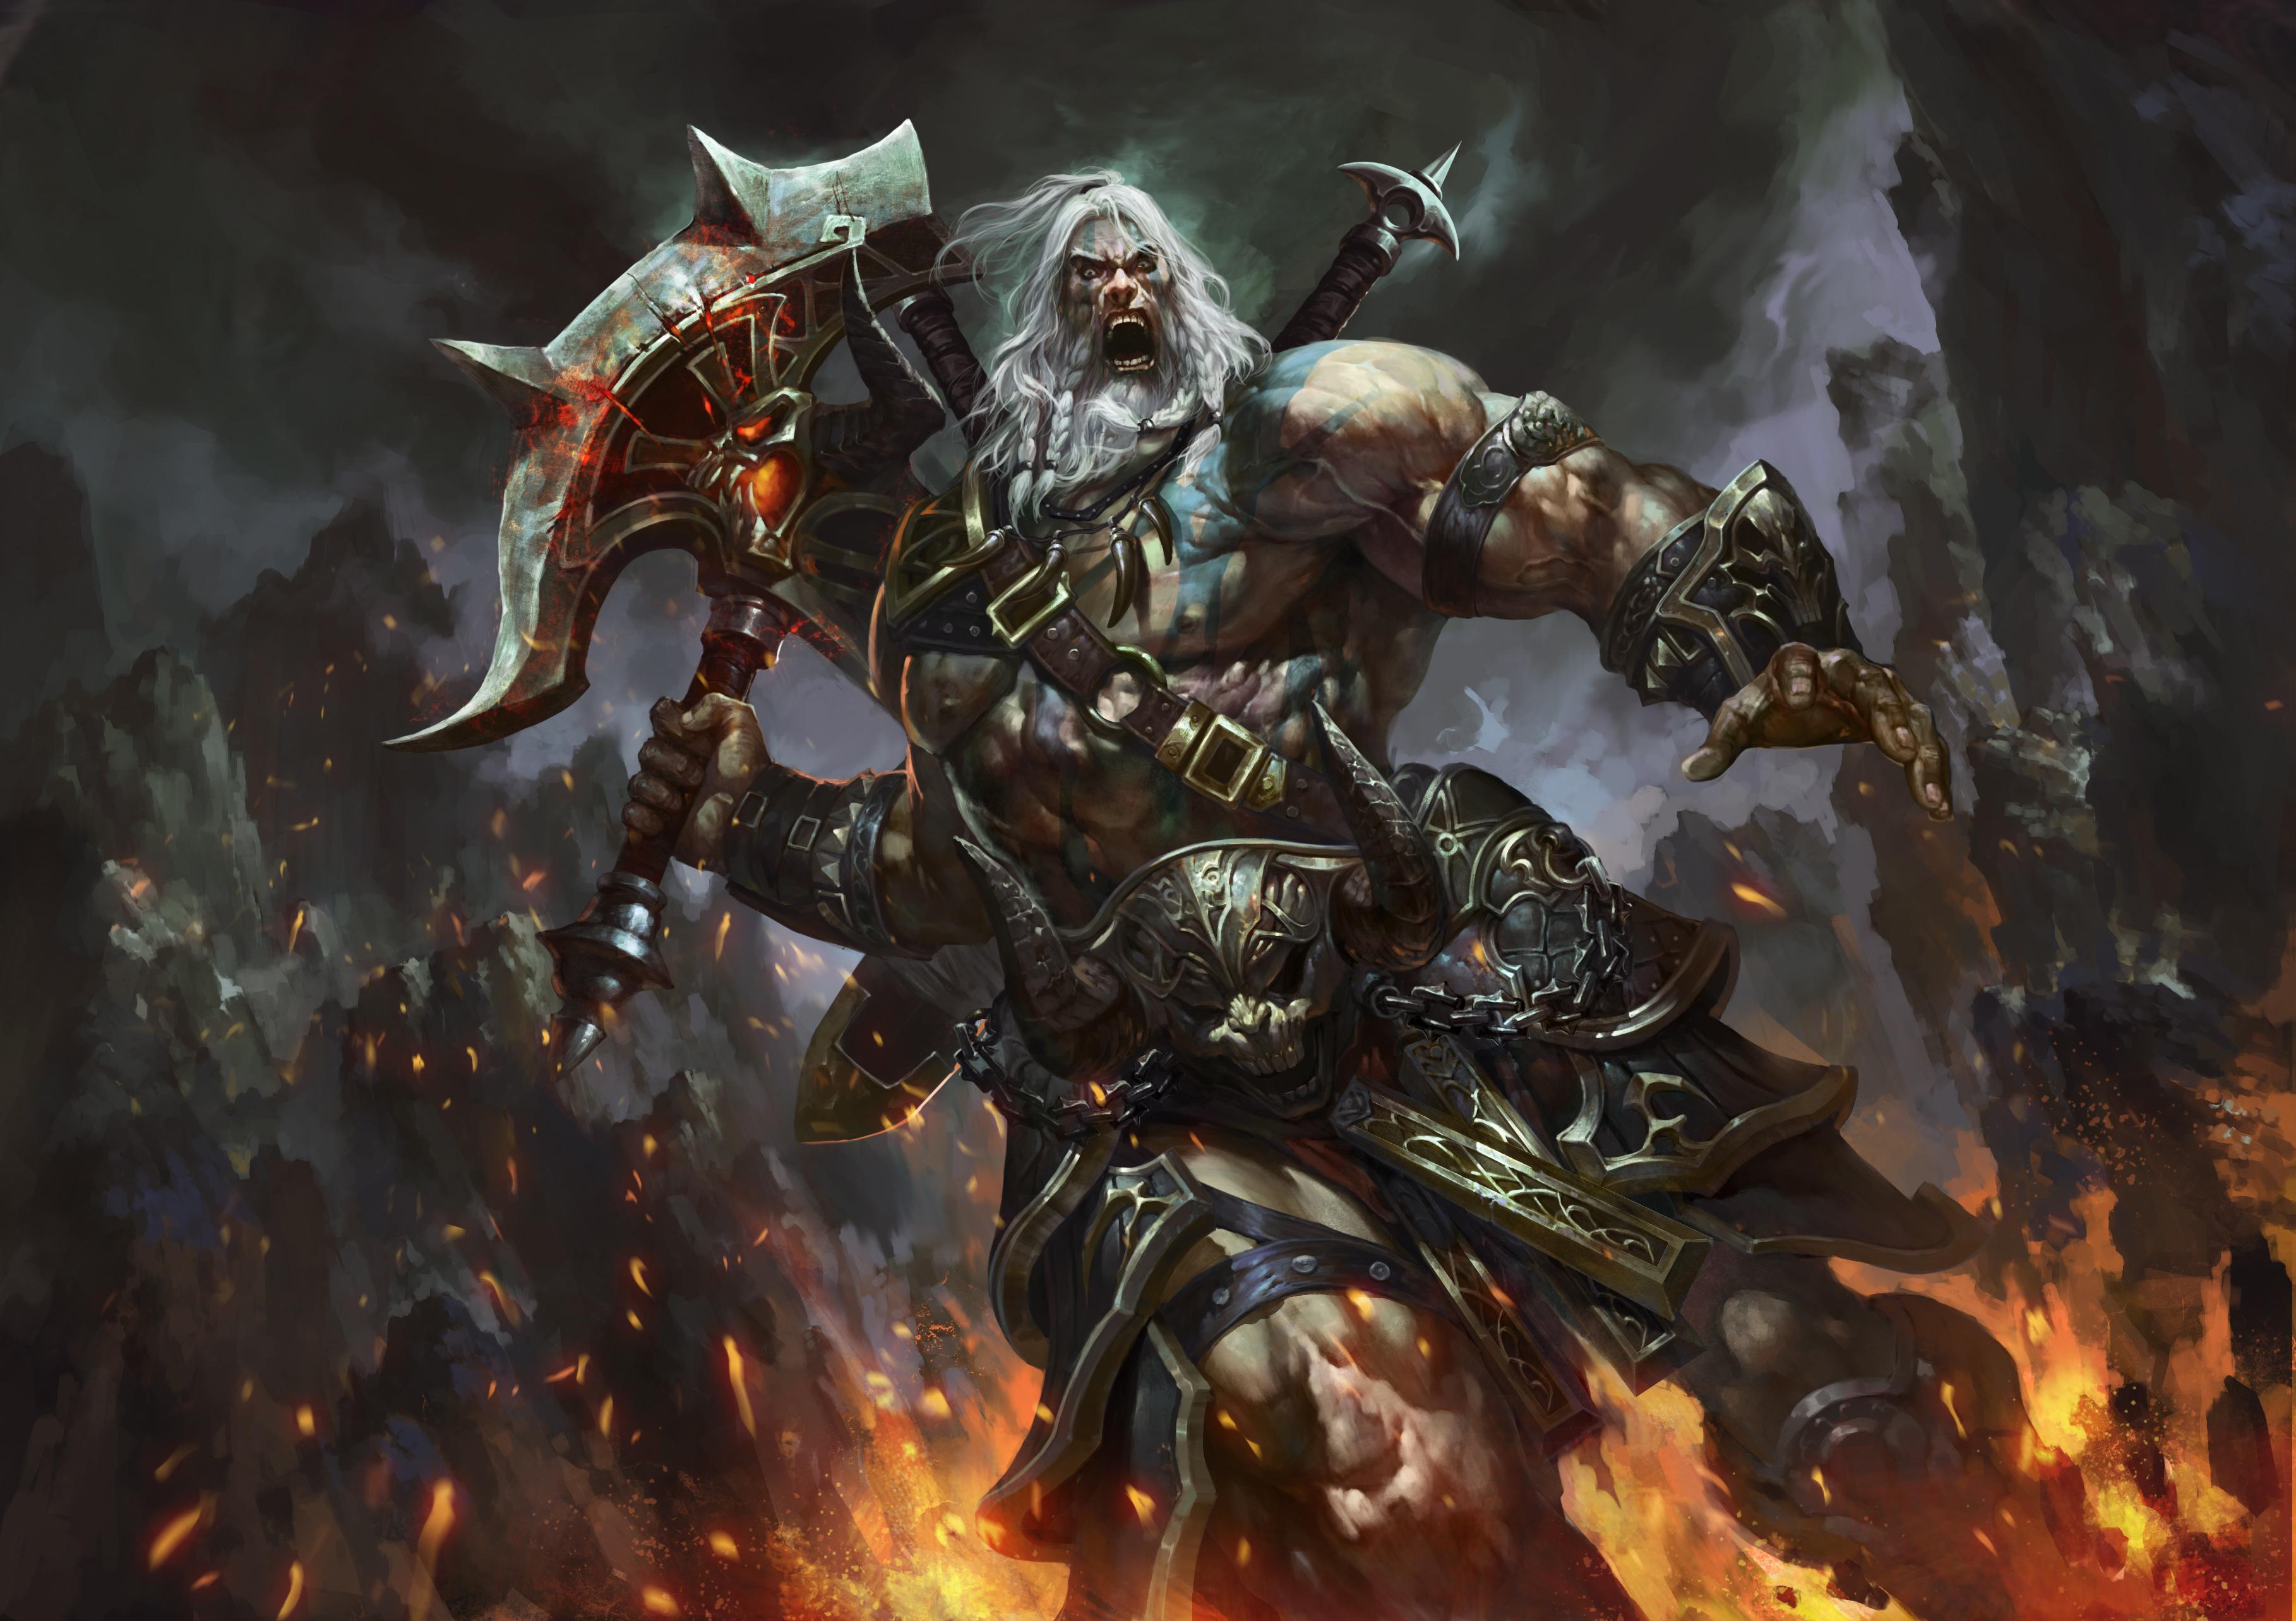 3636x2567 Guerrier Diablo III Barbarian Hache de guerre Armure Diablo 3 Jeux Fantasy